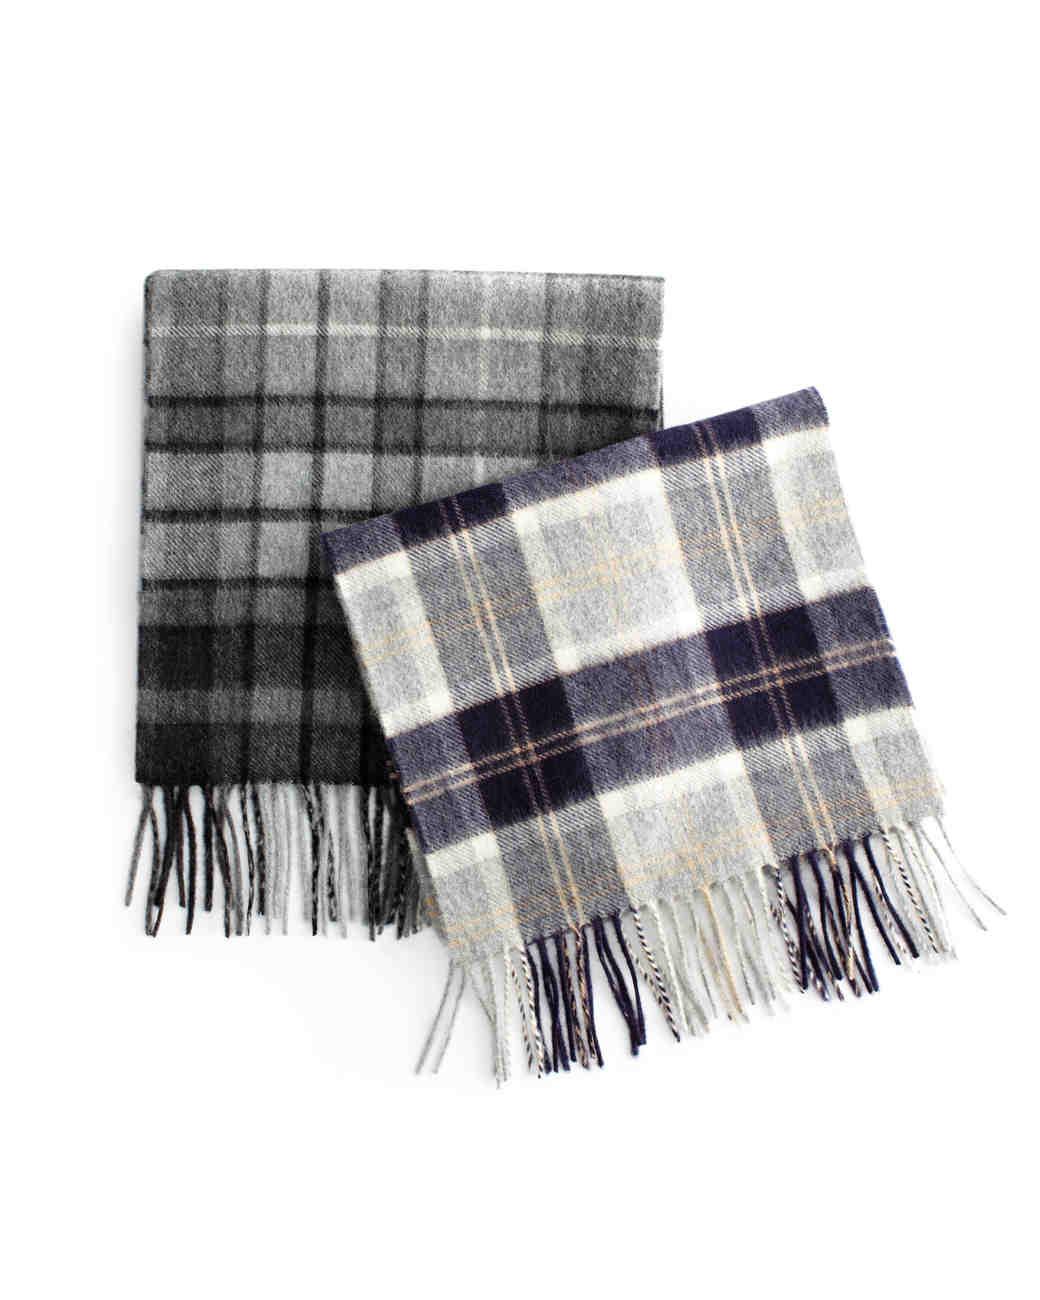 scarf-b-001-mwd108883.jpg